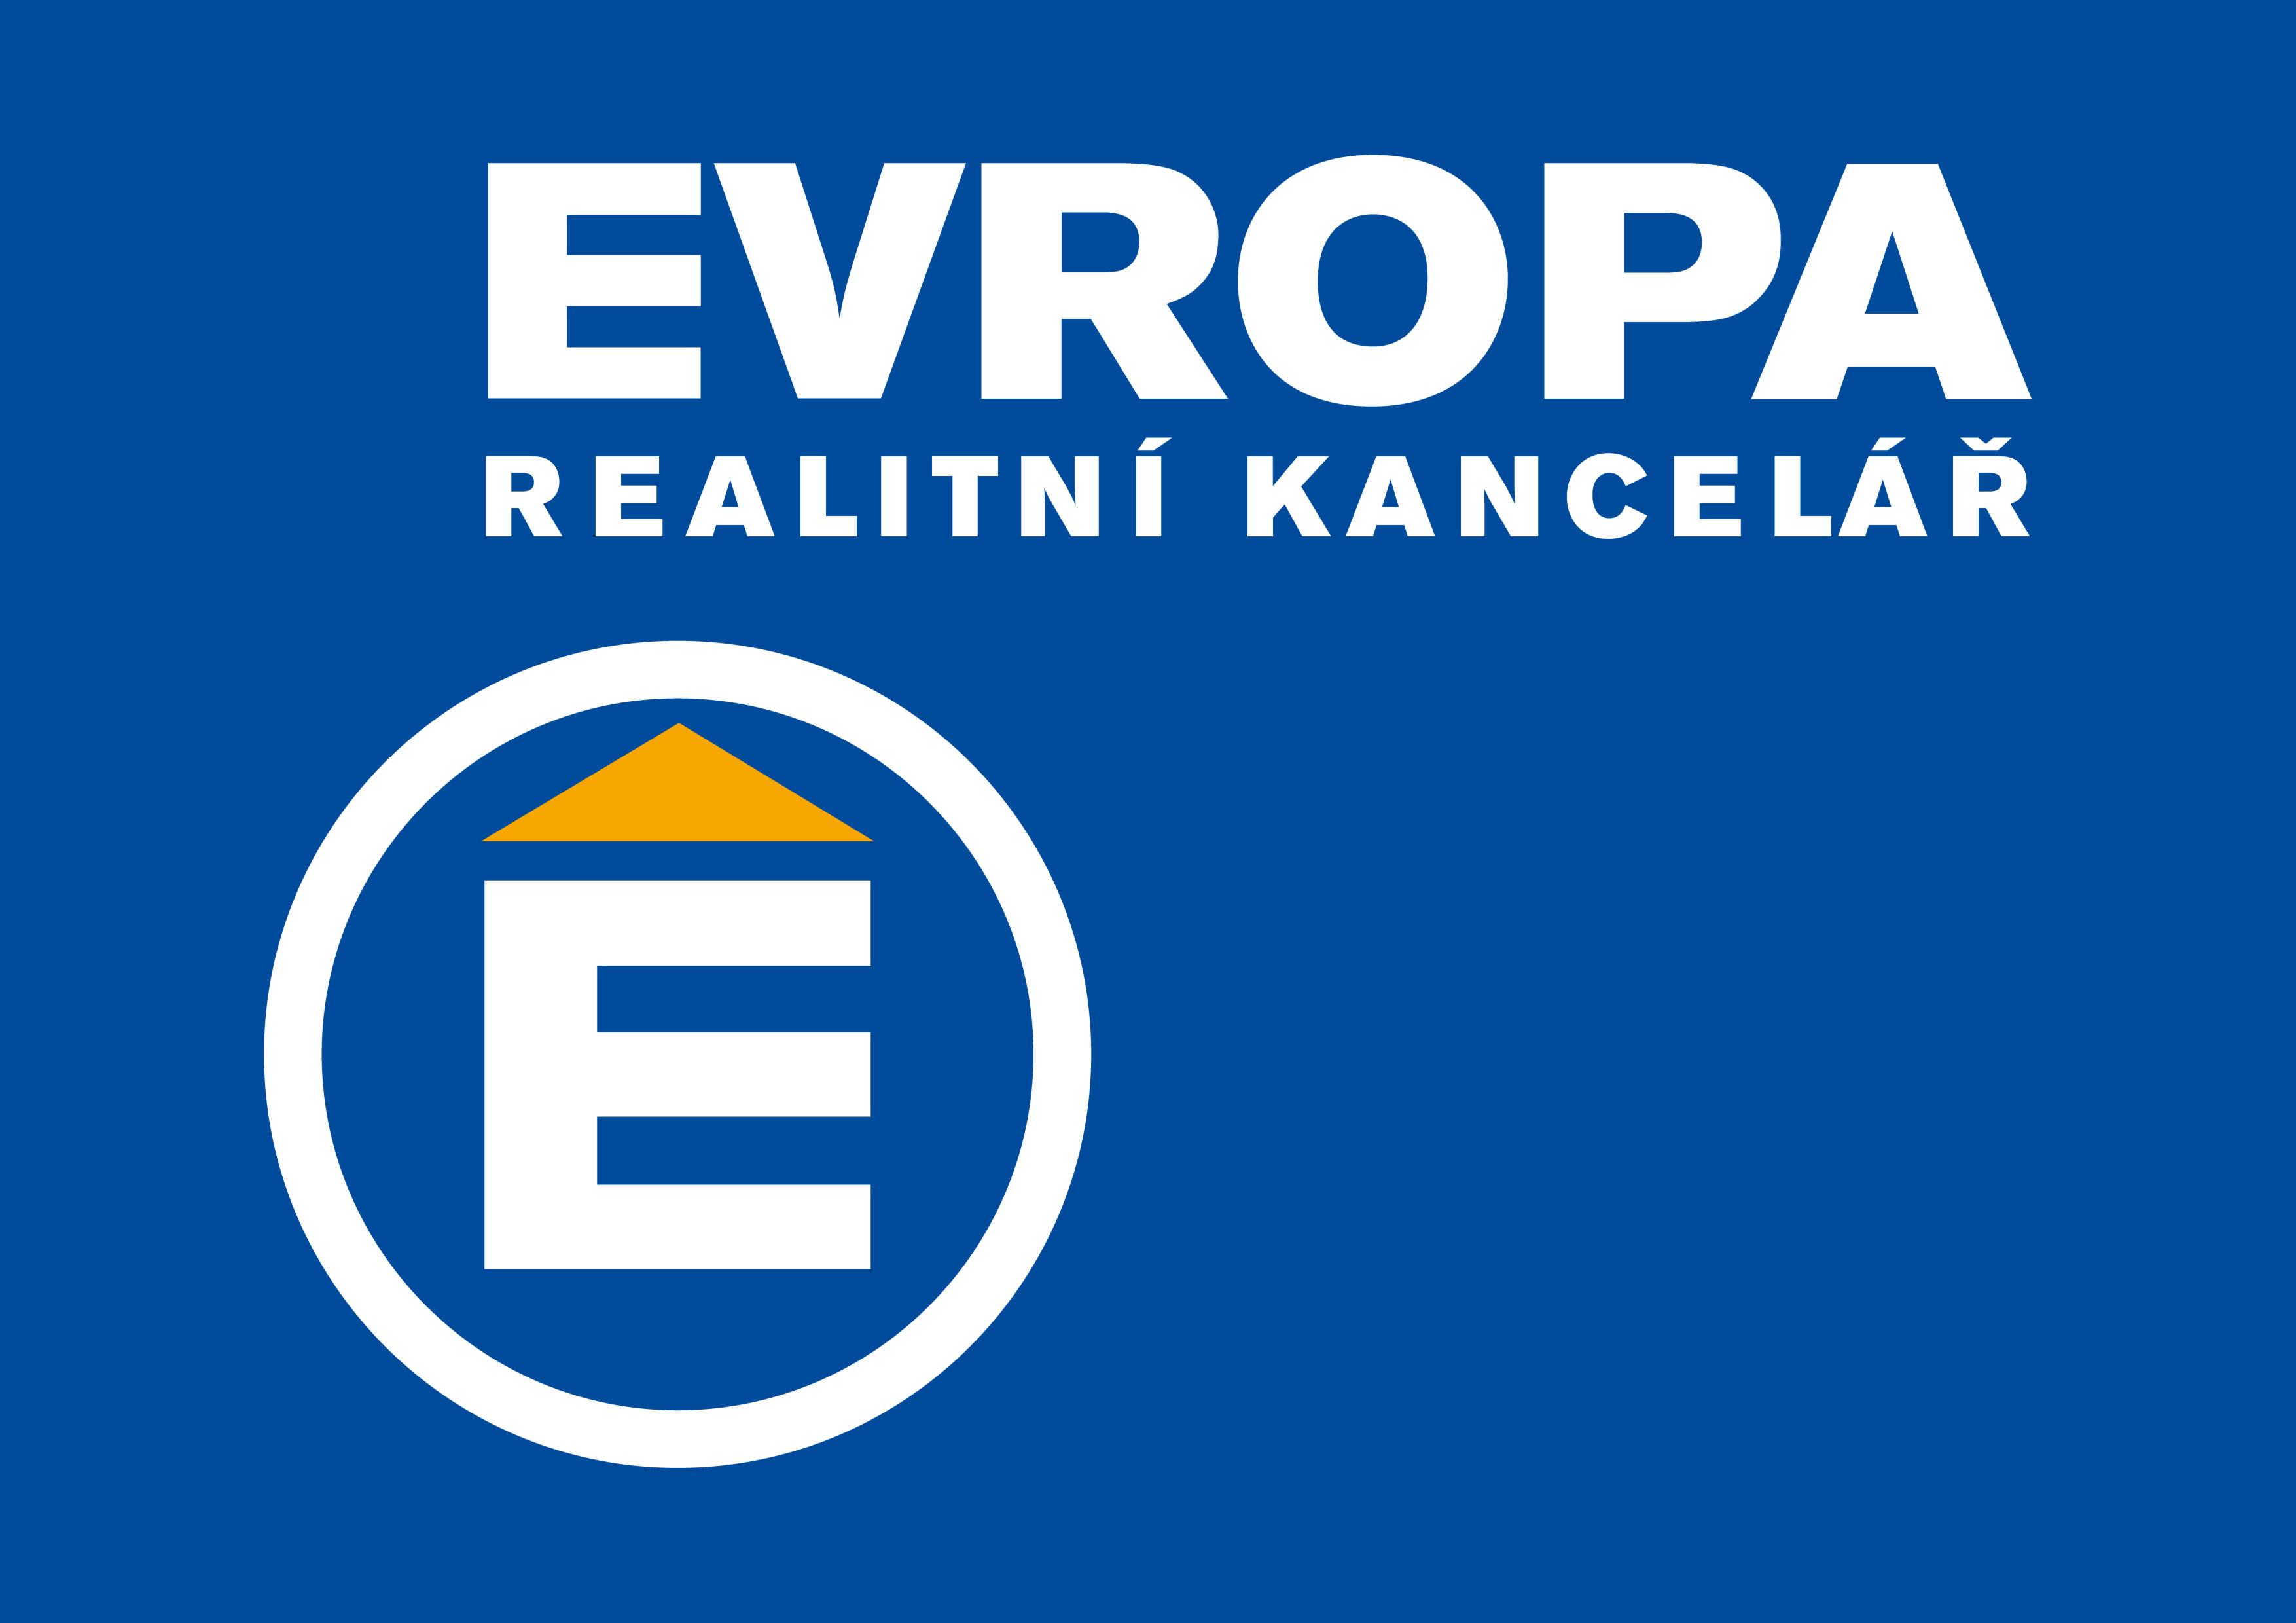 EVROPA realitní kancelář CHEB